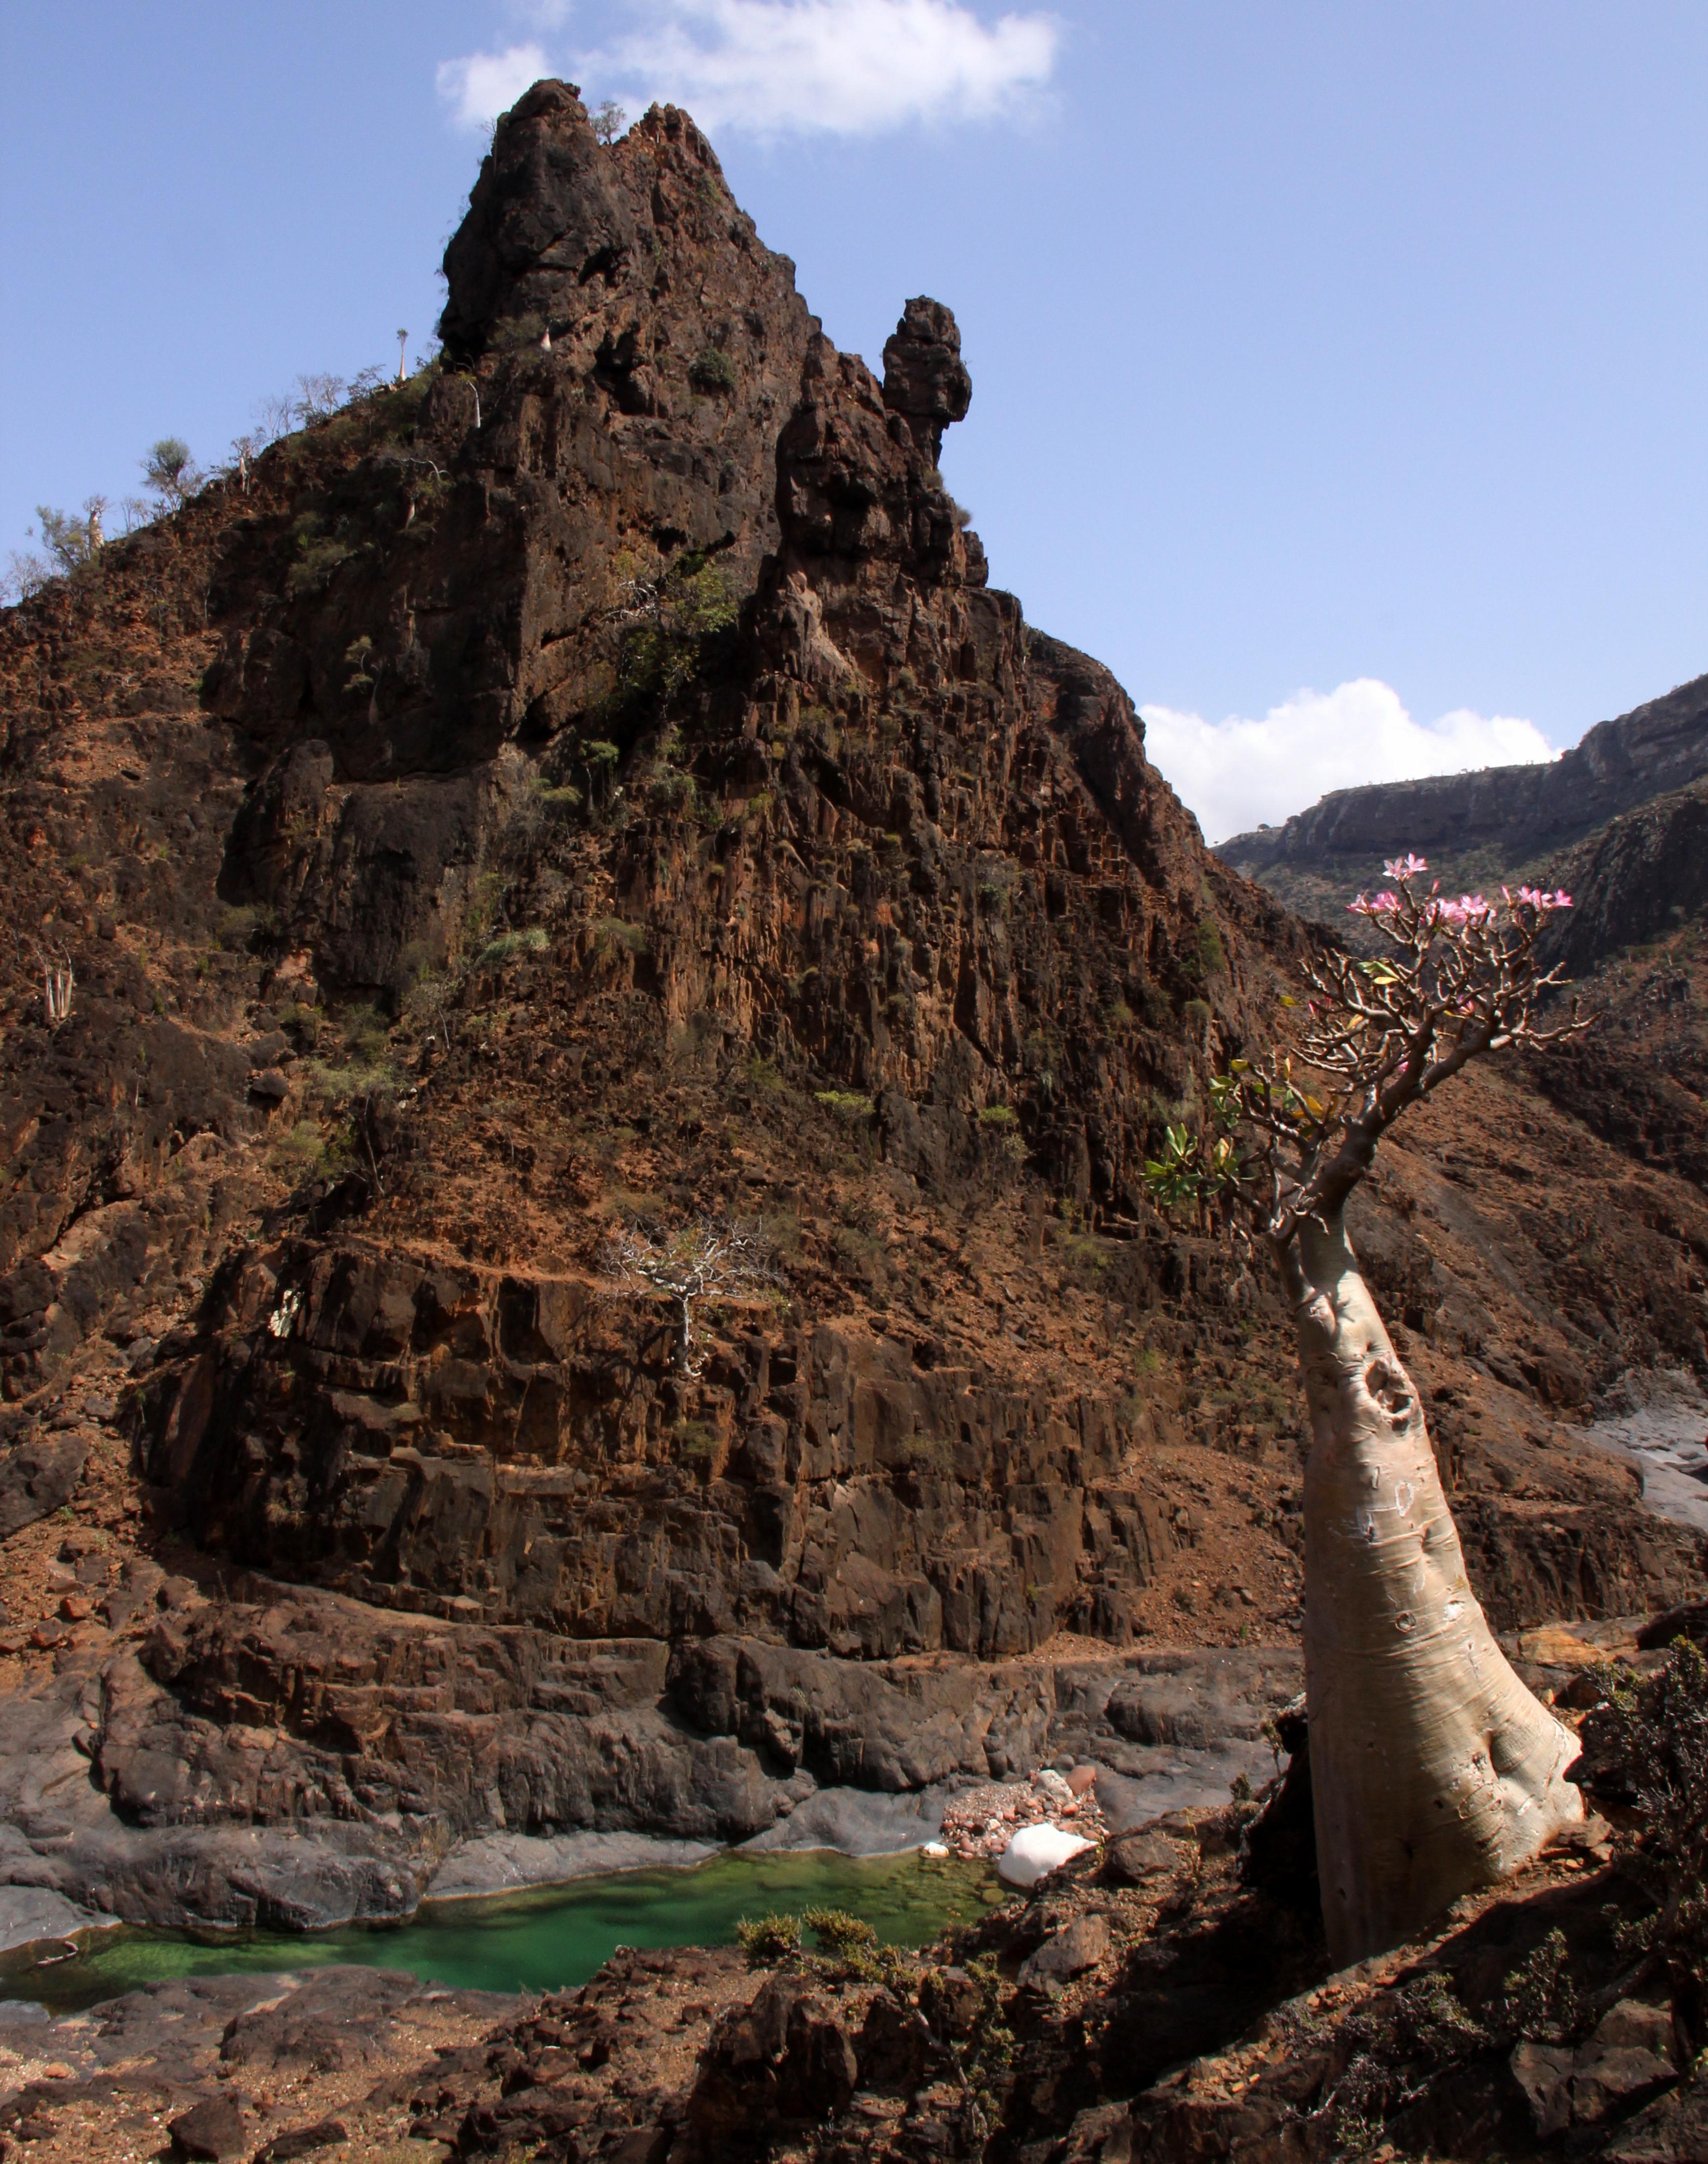 Wadi Dirhur had been